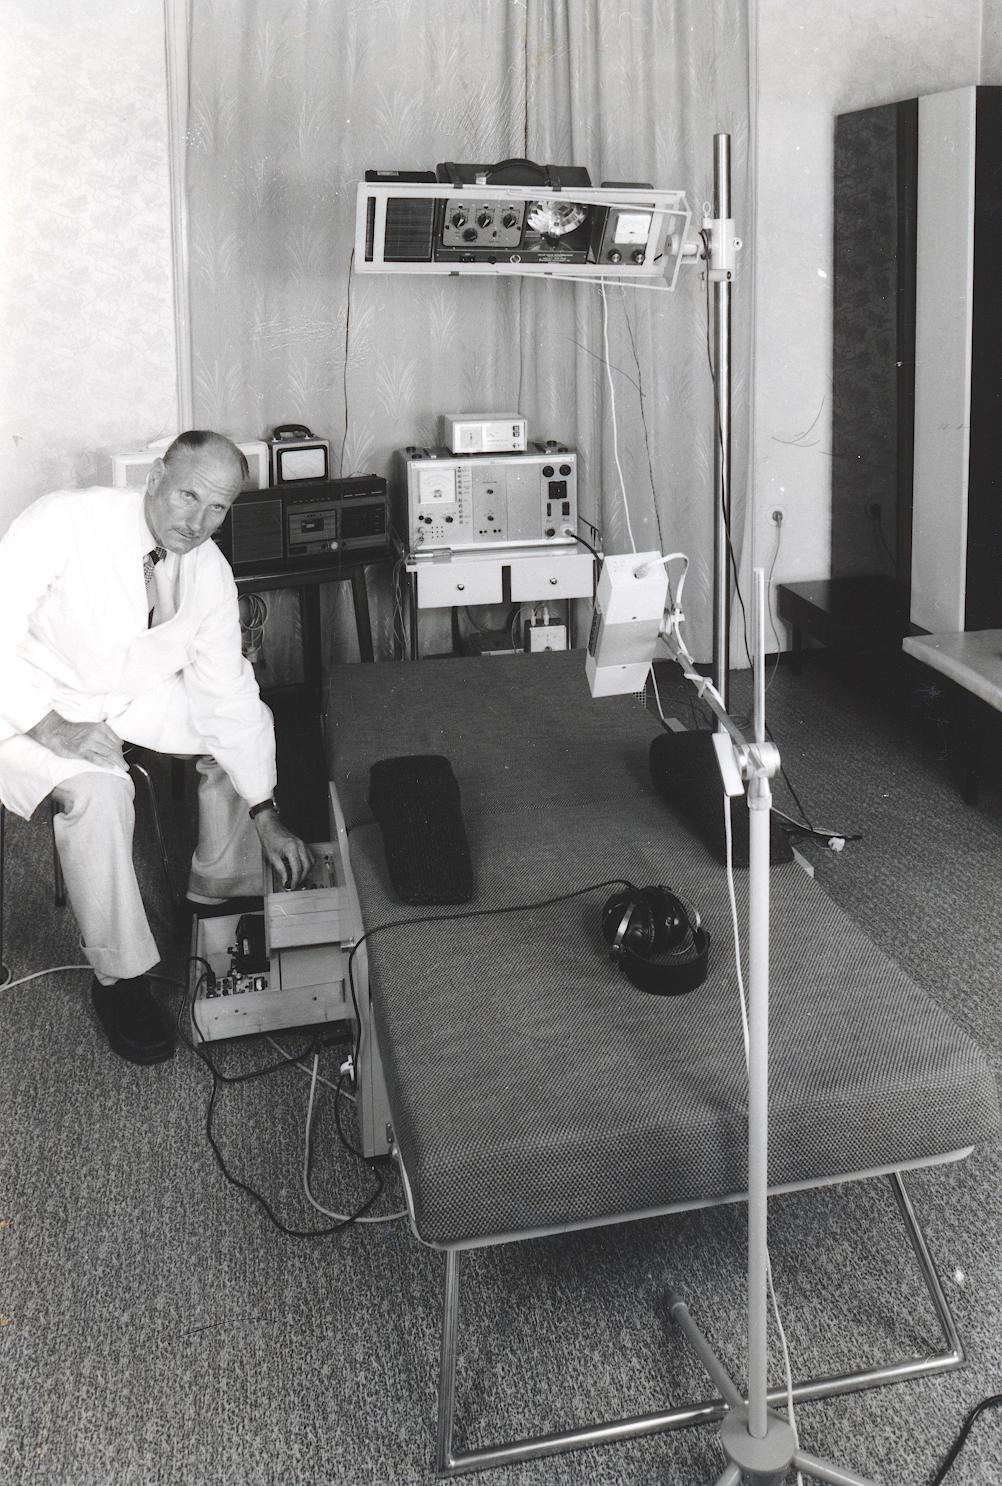 VII. Internationaler Imago Mundi-Kongress 1978, Innsbruck, Dr. Heinrich Huber mit Pneumotron